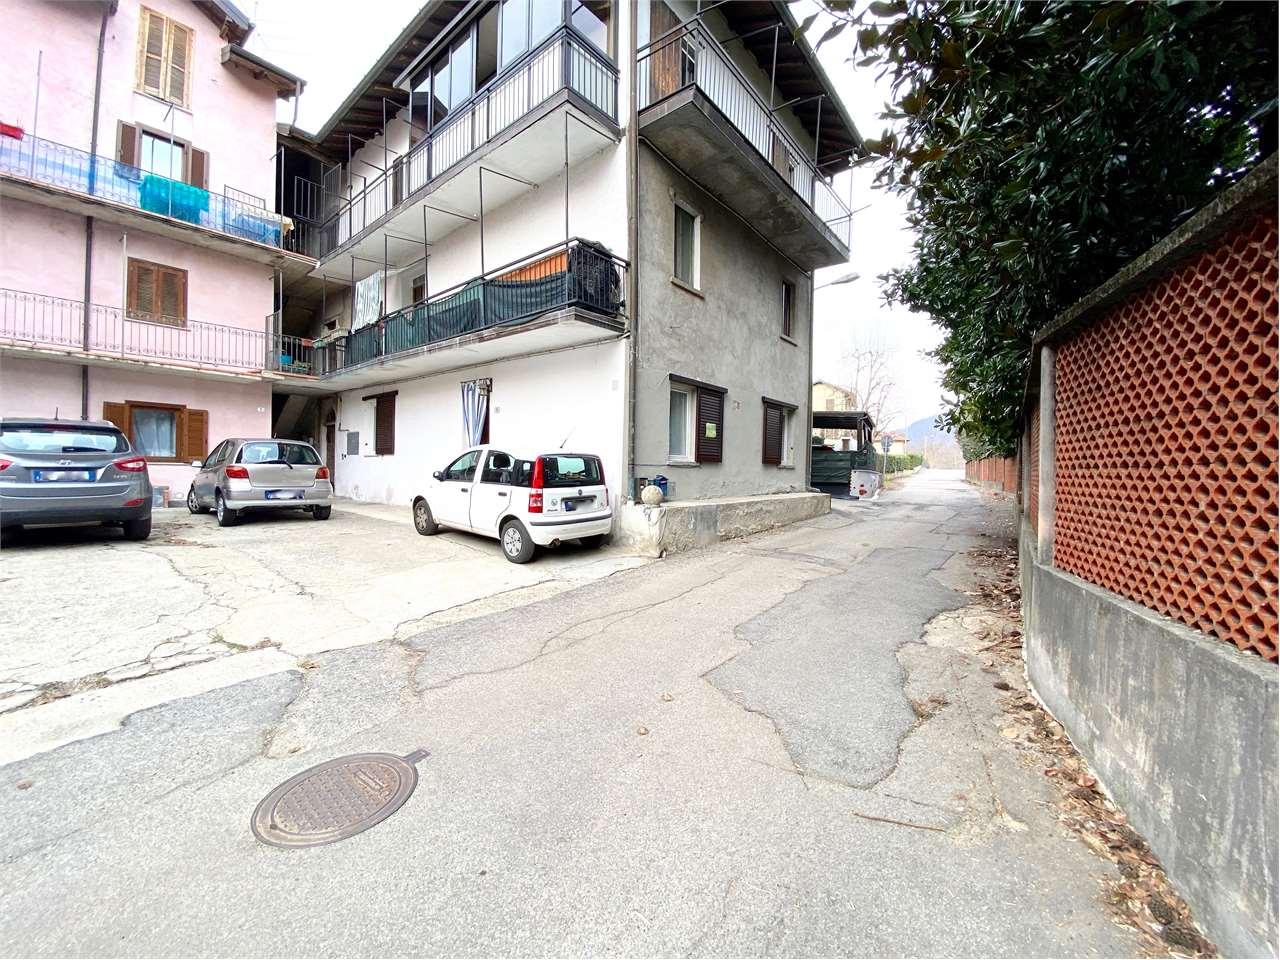 Appartamento in vendita a Leggiuno, 3 locali, zona sole, prezzo € 64.000 | PortaleAgenzieImmobiliari.it